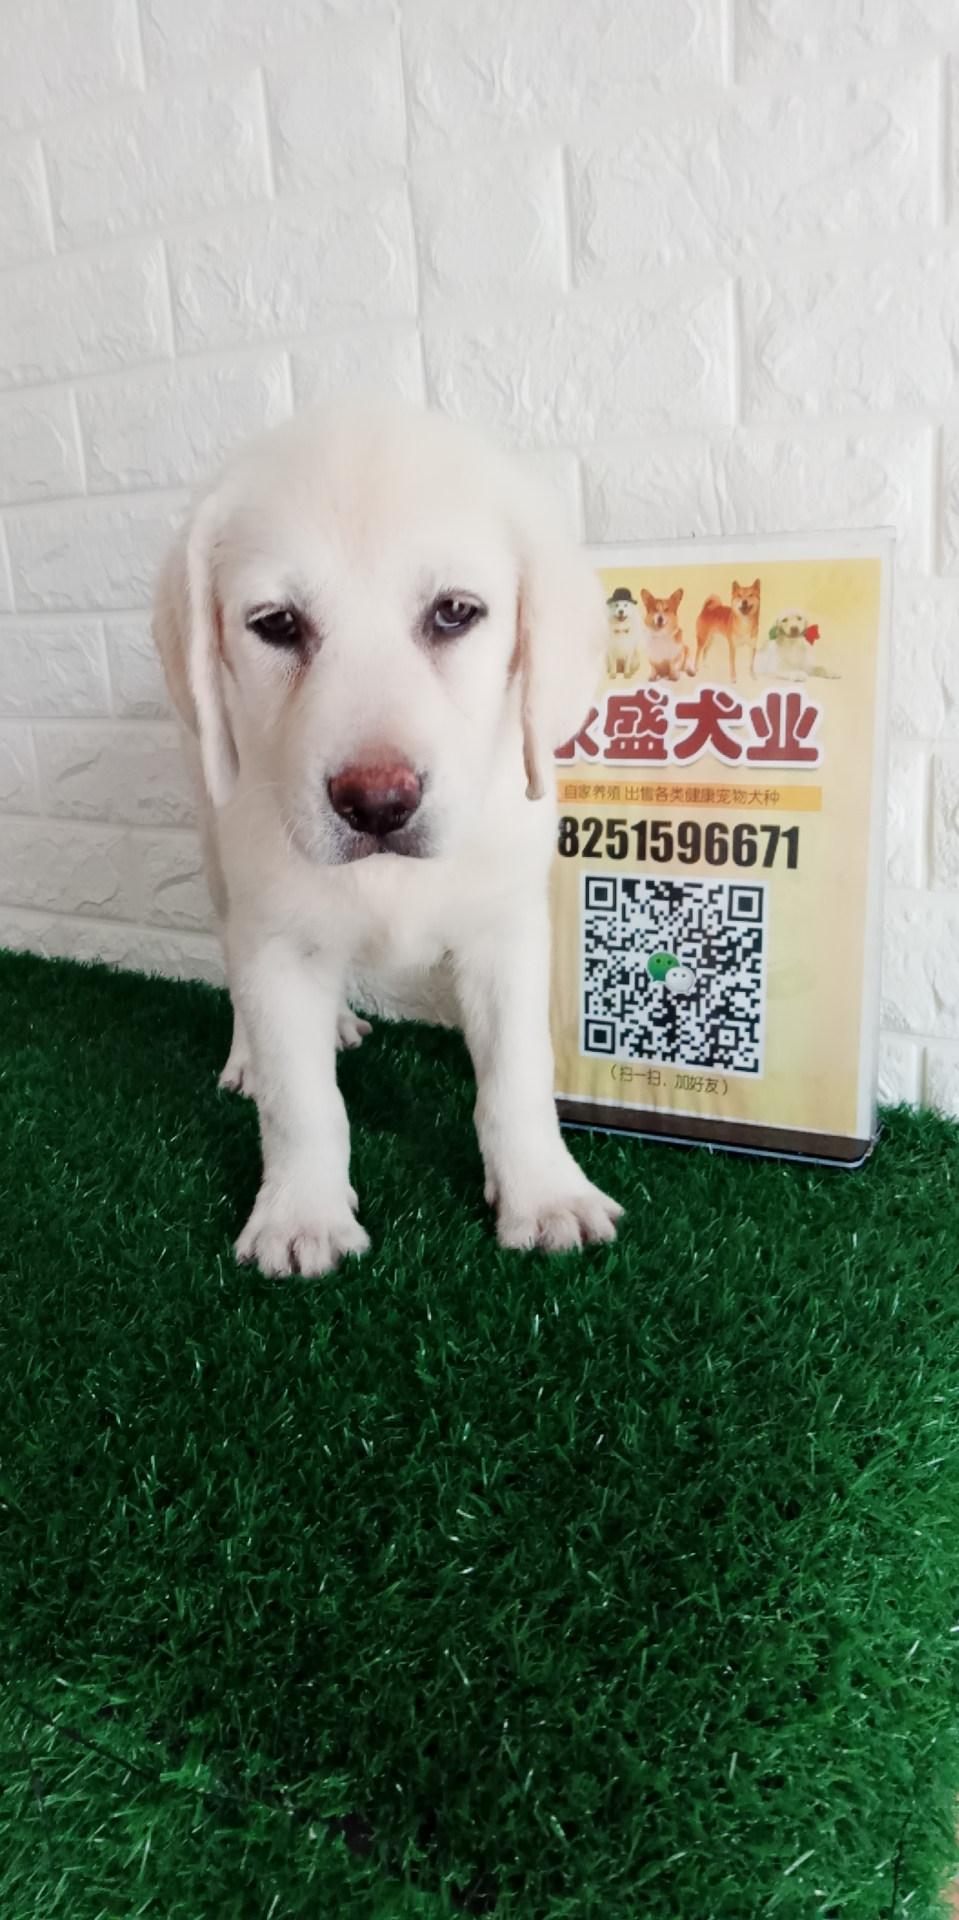 拉布拉多犬 双血统 提供血统证书芯片 奶白色 公母均有